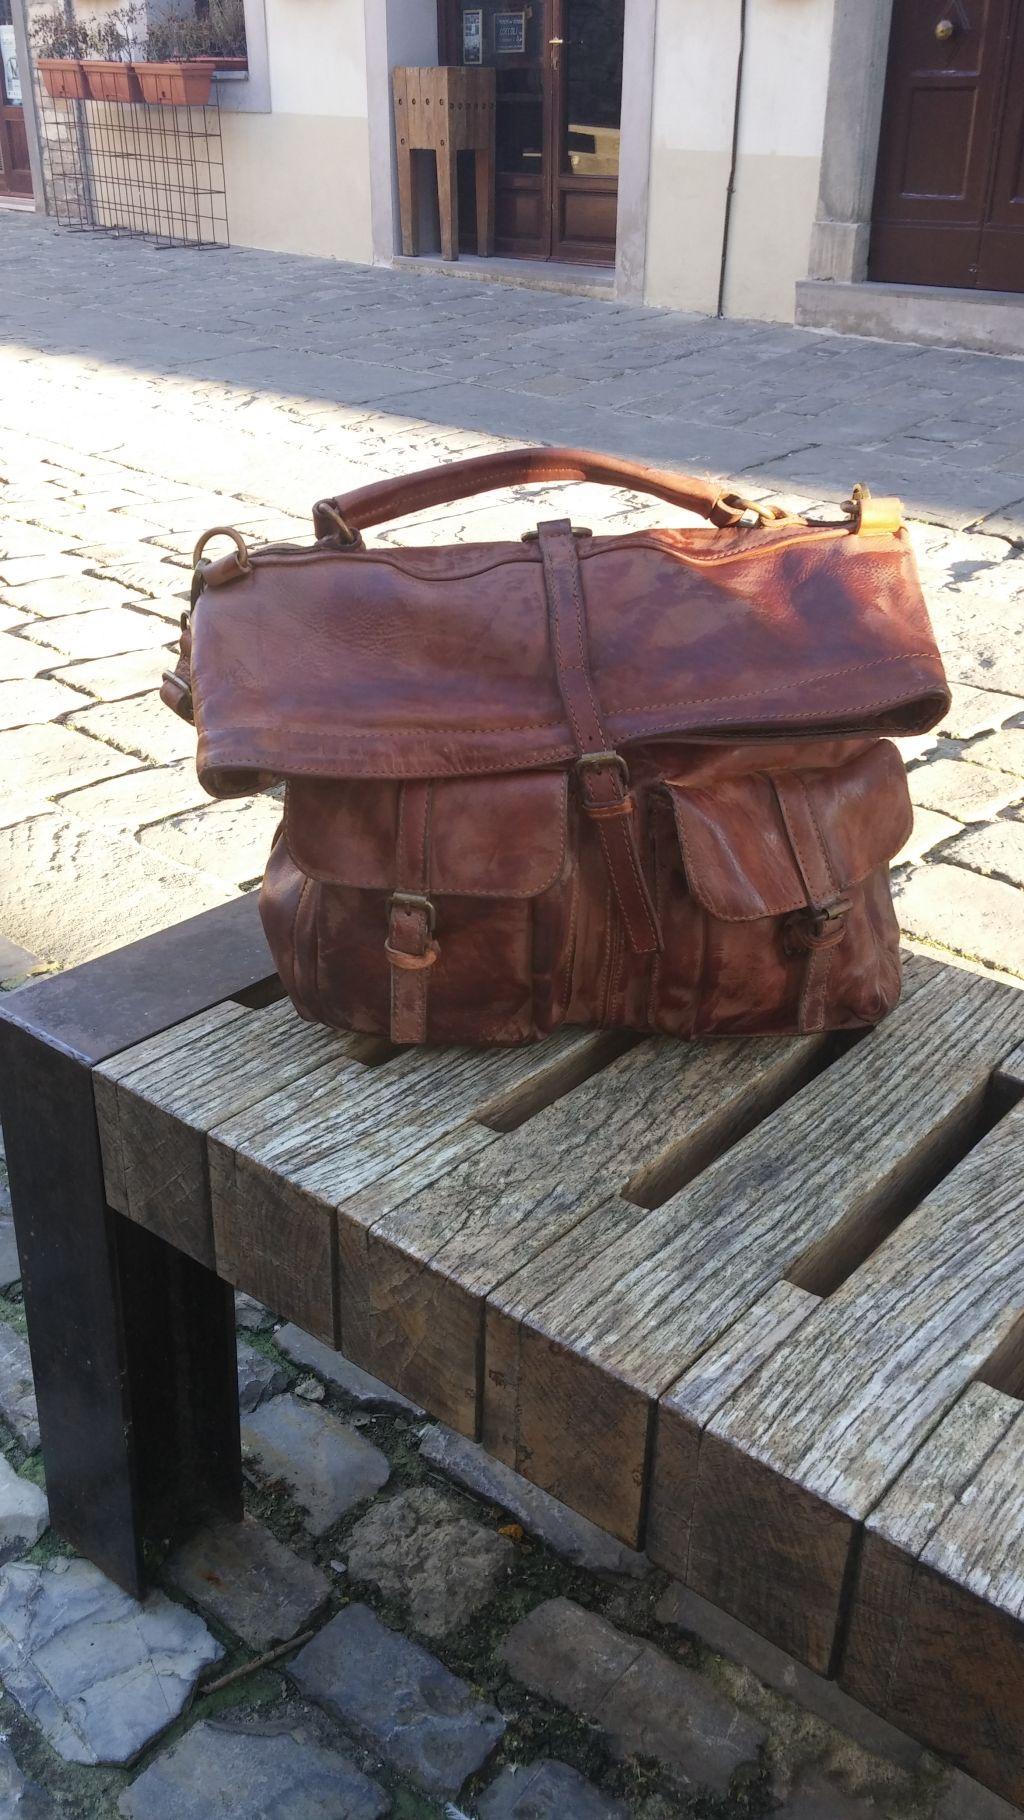 FL3010-borsa-per-il-tempo-libero-messenger-bag-4